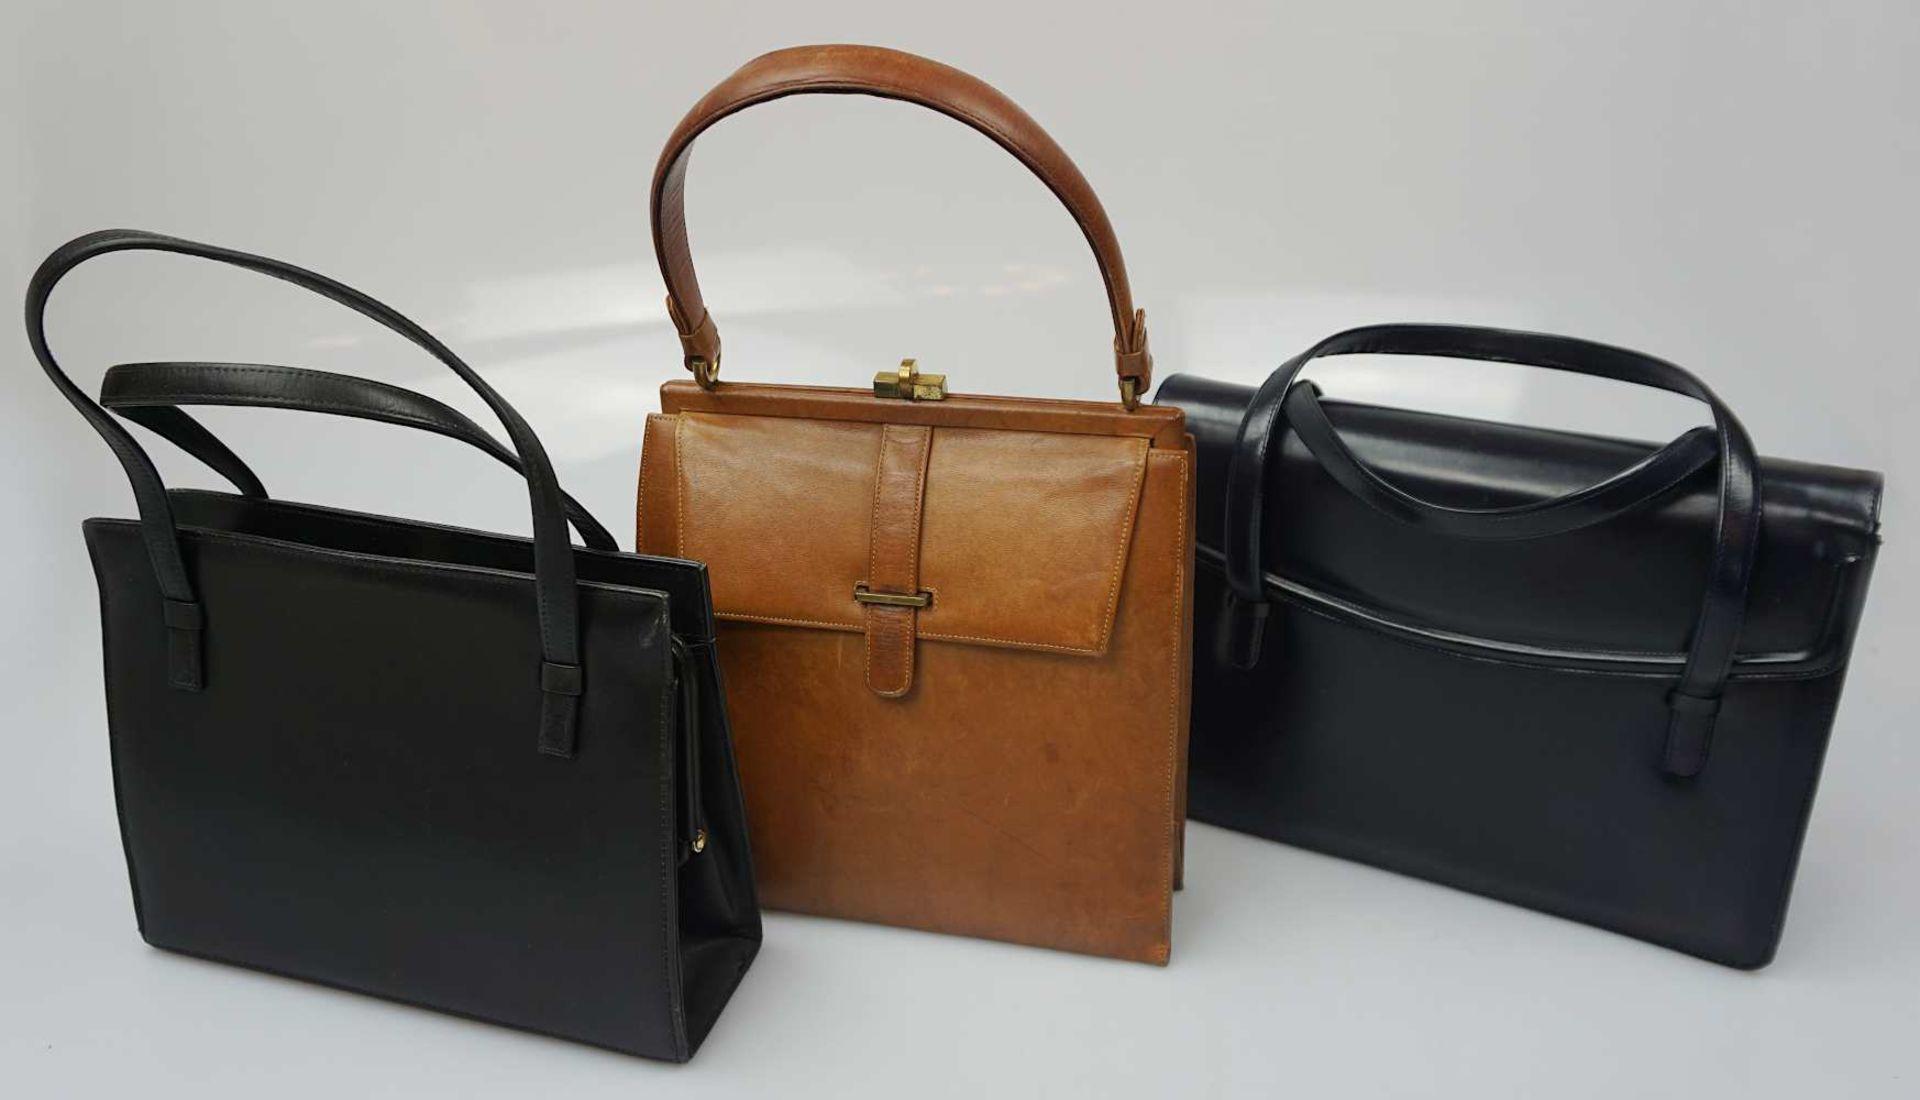 1 Konv. Hand-/Abendtaschen Straußenleder, Leder, Textil u.a. Gsp. - Bild 2 aus 5